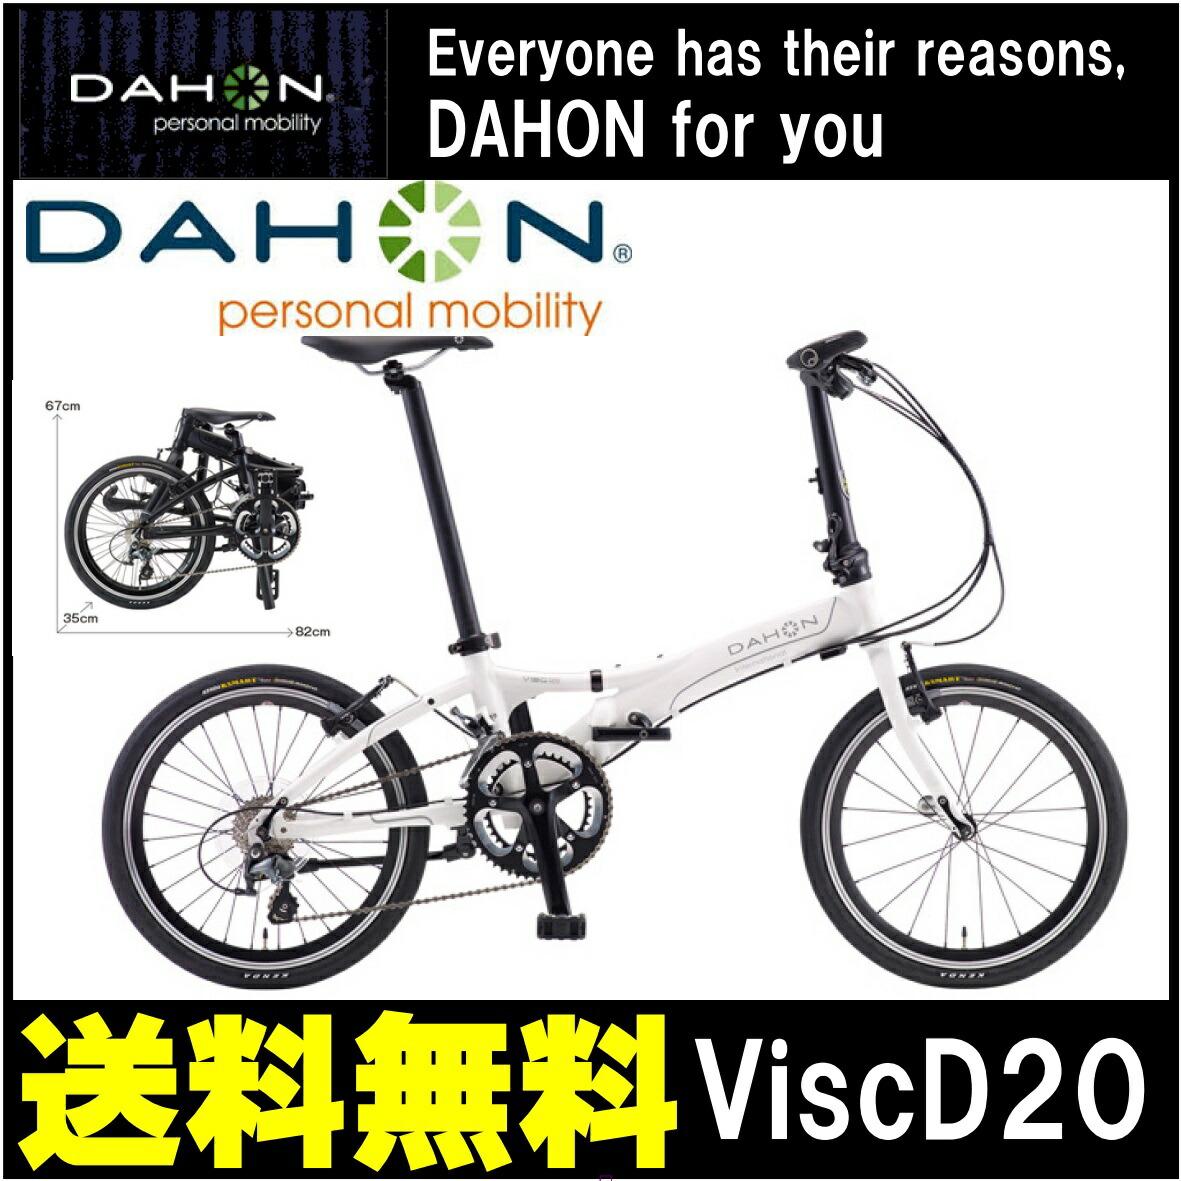 折りたたみ自転車 DAHON Visc D20 ダホン 自転車 マットホワイト 白 20インチ 折りたたみ自転車 外装20段変速ギア Matt White ダホン 折りたたみ自転車 DAHON ヴィスク D20